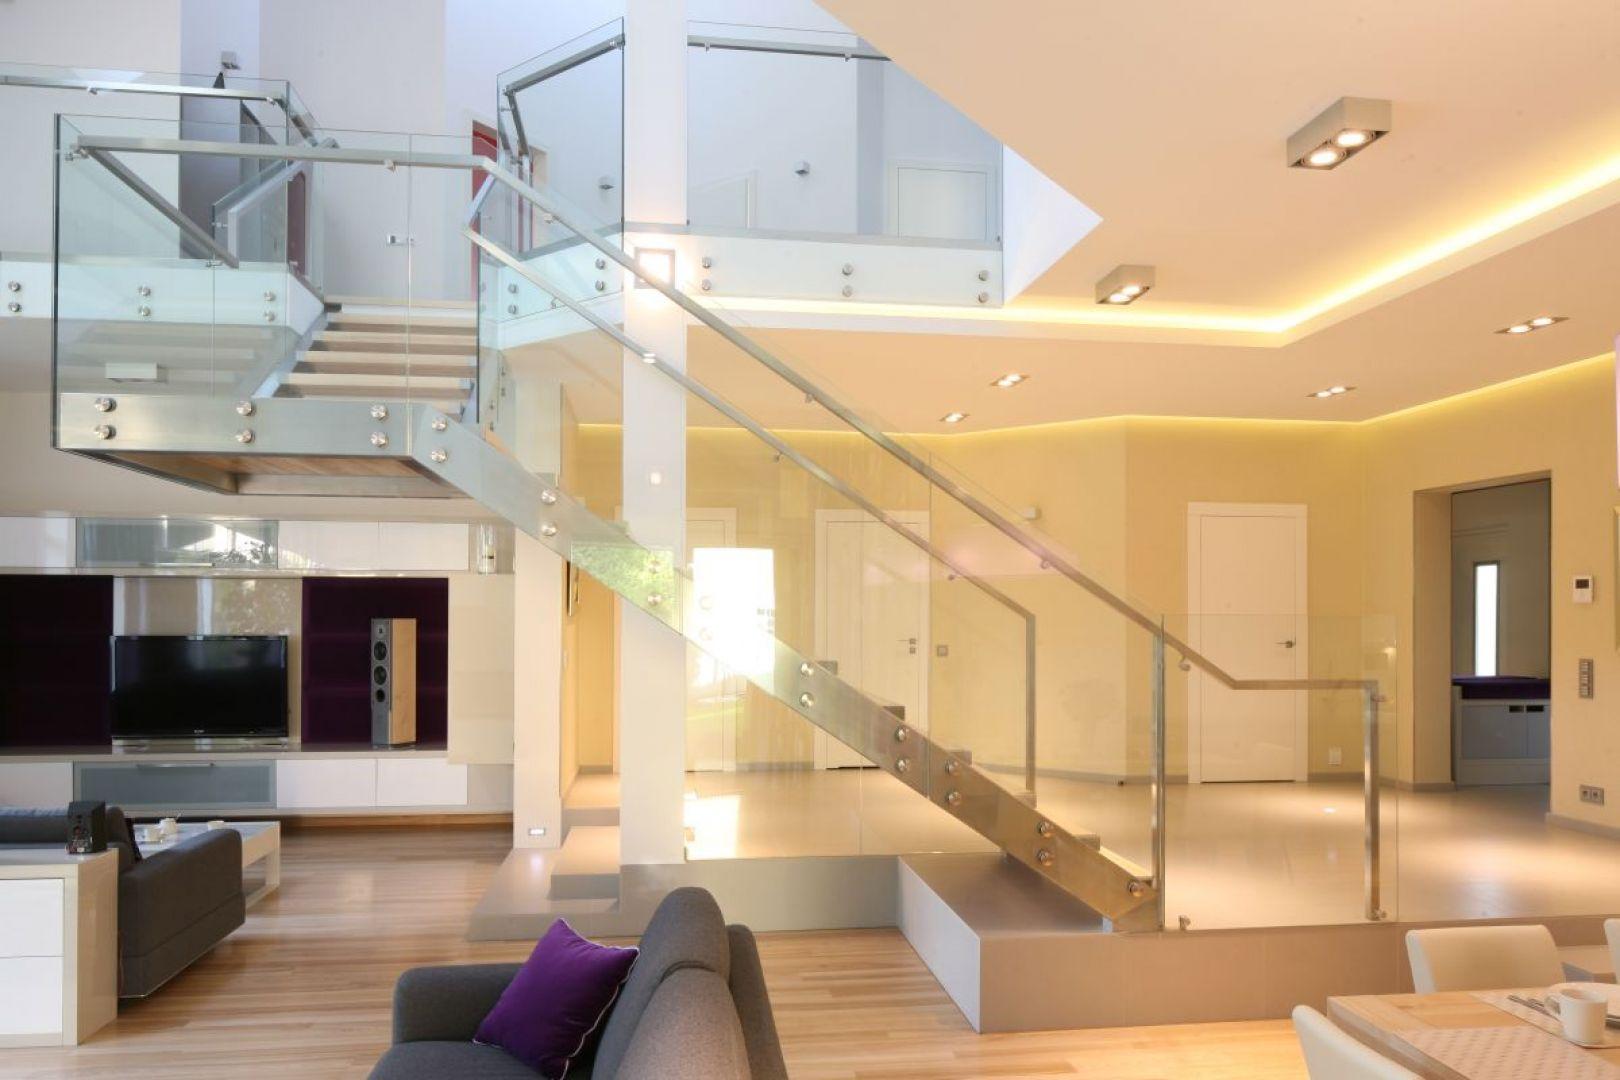 Schody, w zależności od koncepcji na urządzenie wnętrza naszego domu, możemy pięknie wyeksponować lub ukryć. Tu dzięki szklanym balustradom i modnym stalowym wykończeniom schody prezentują się niezwykle pięknie. Proj. Monika i Adam Bronikowscy, Fot. Bartosz Jarosz